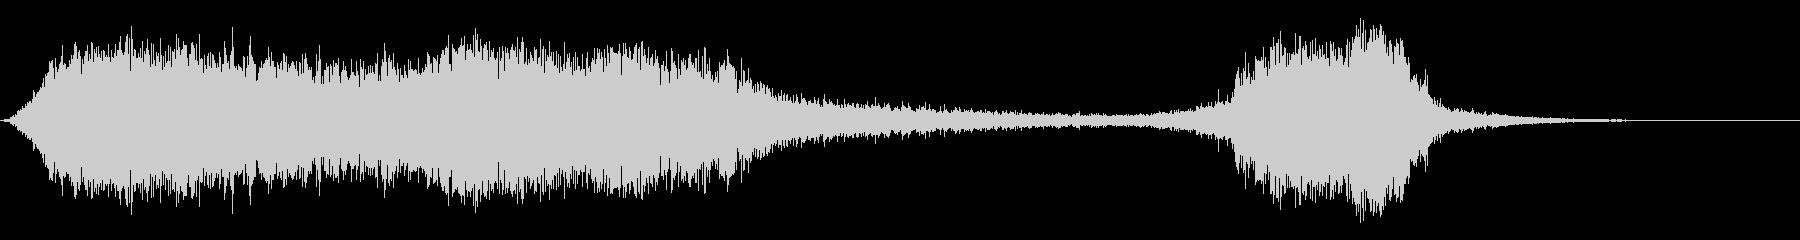 スペースホールサック2の未再生の波形